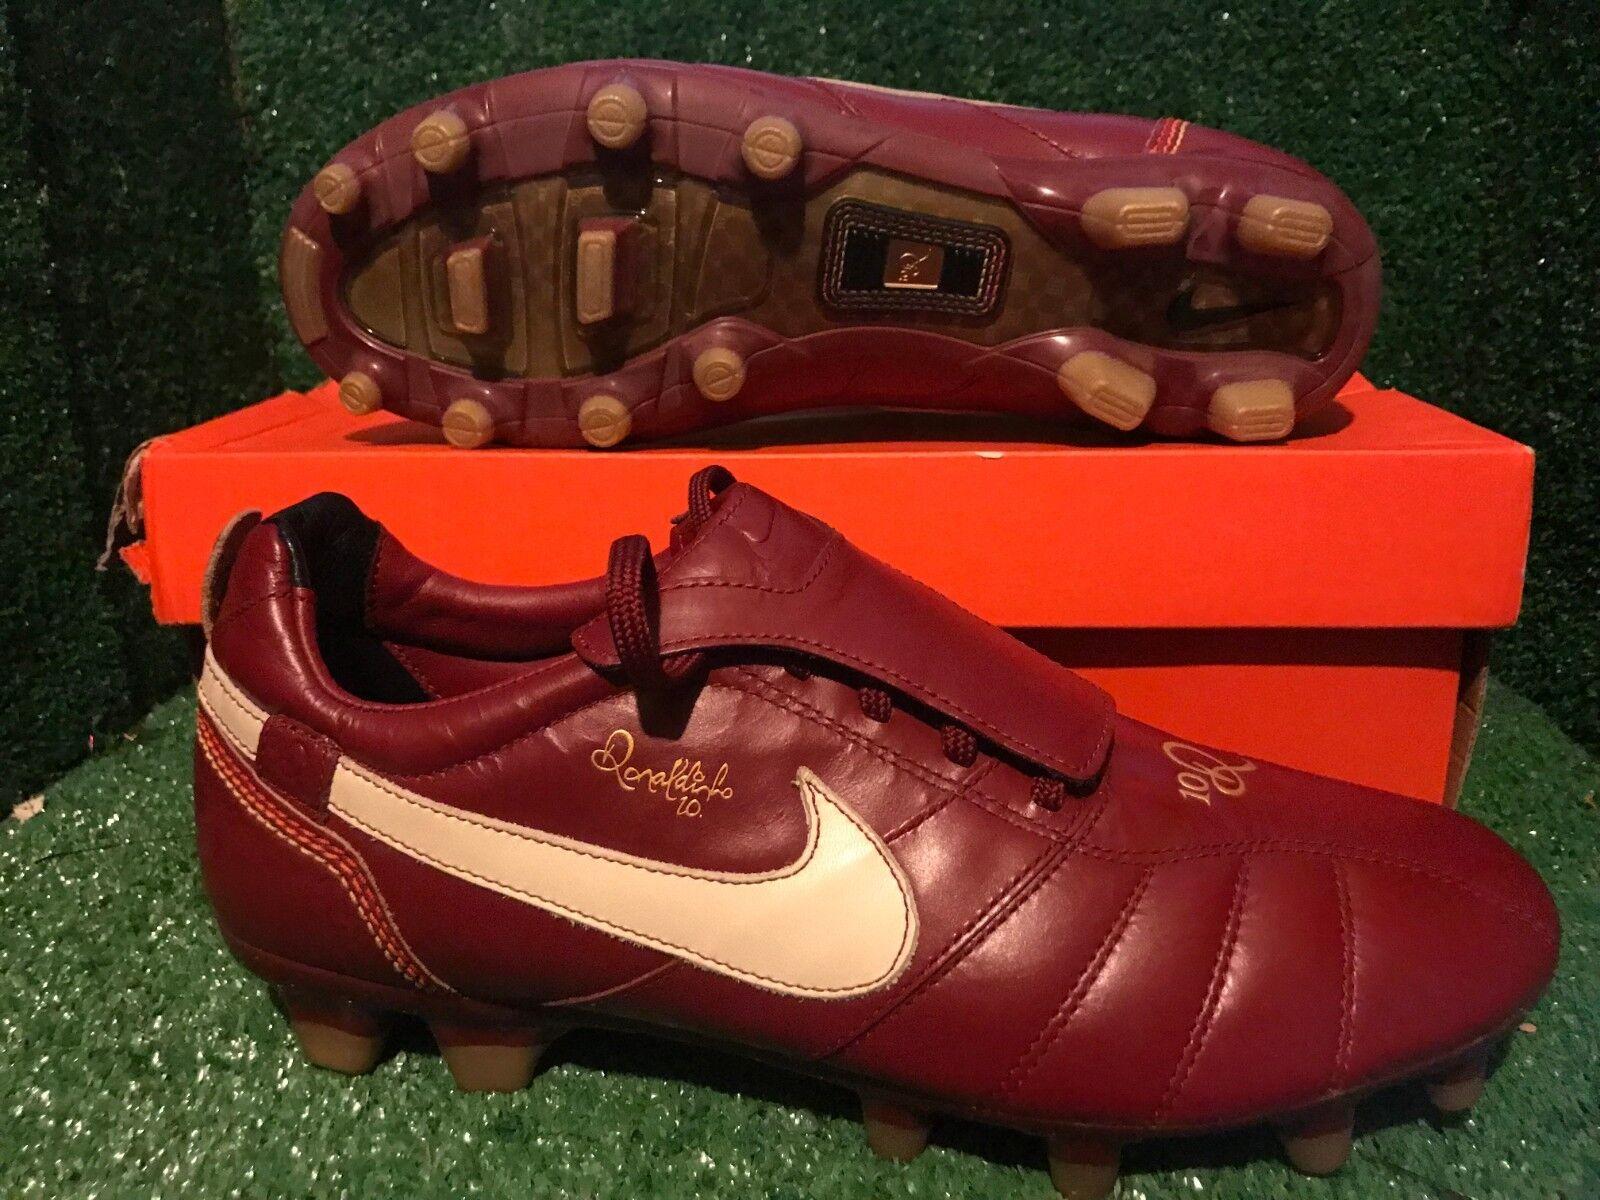 Nuevo Y En Caja Nike Tiempo R10 Ronaldinho Rojo T90 Zapatos Deportivos De Fútbol Raro 9 8 42,5